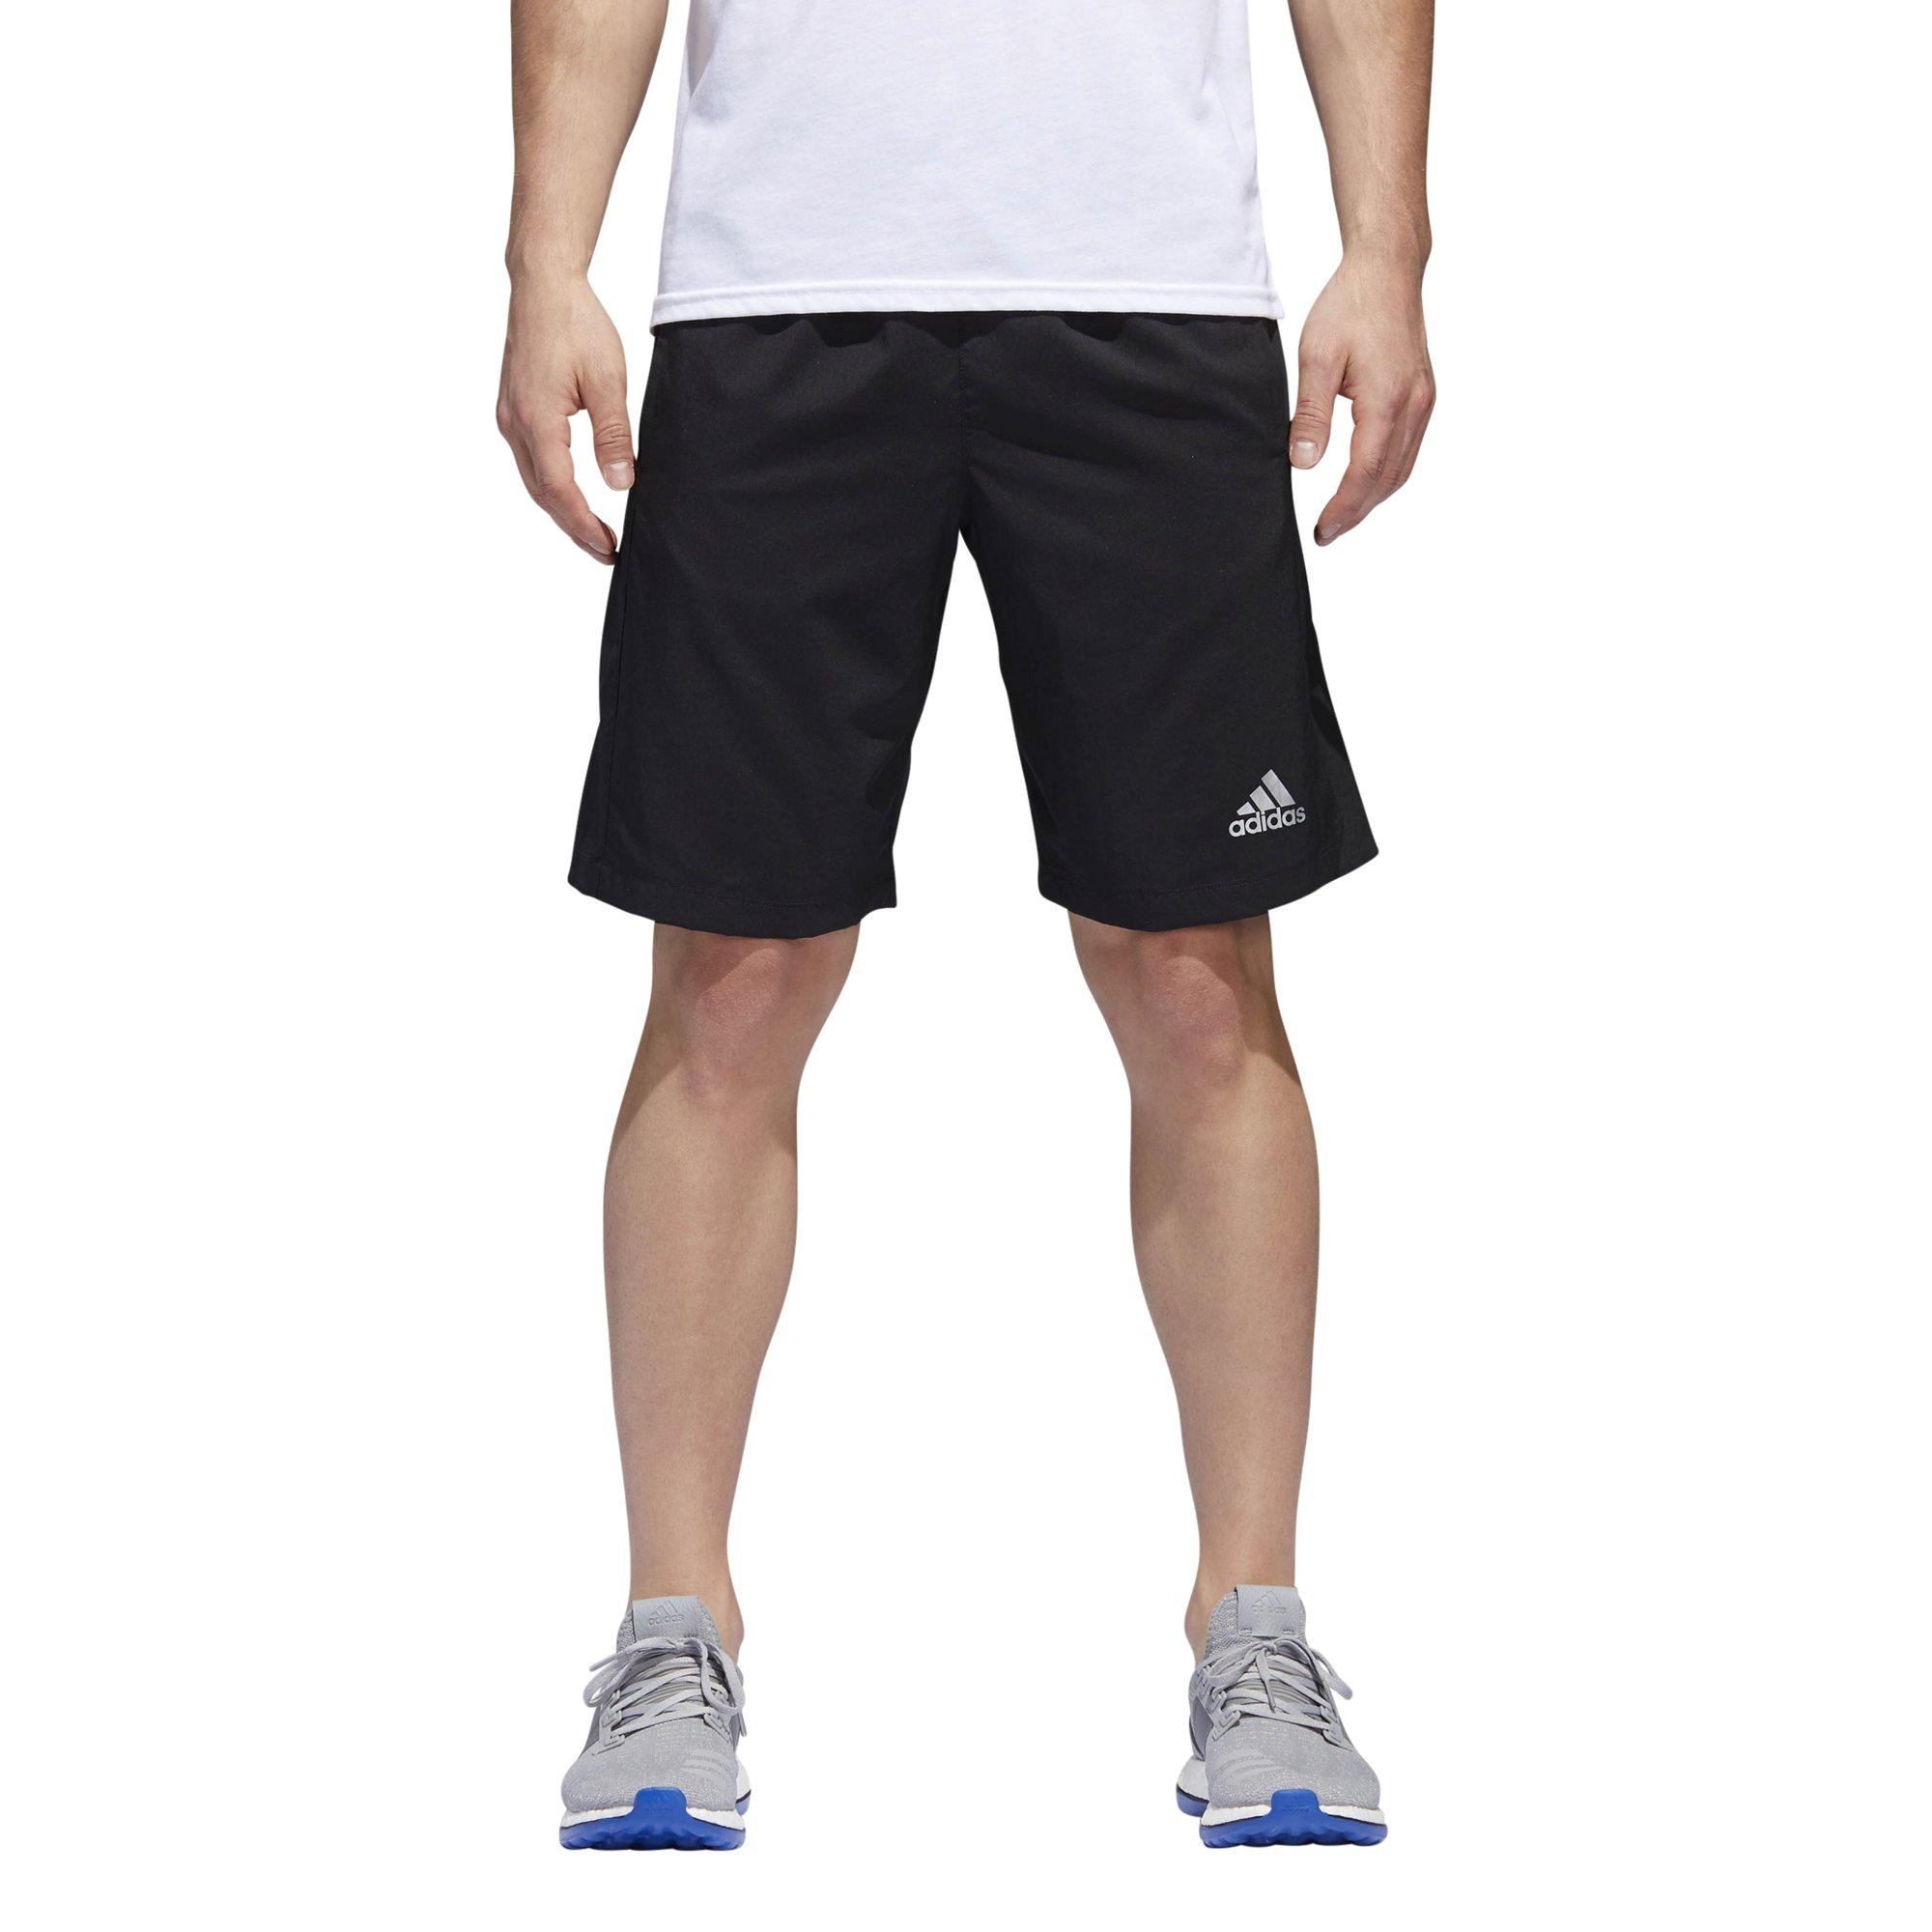 adidas Men's Designed-2-Move Shorts, Black, Large